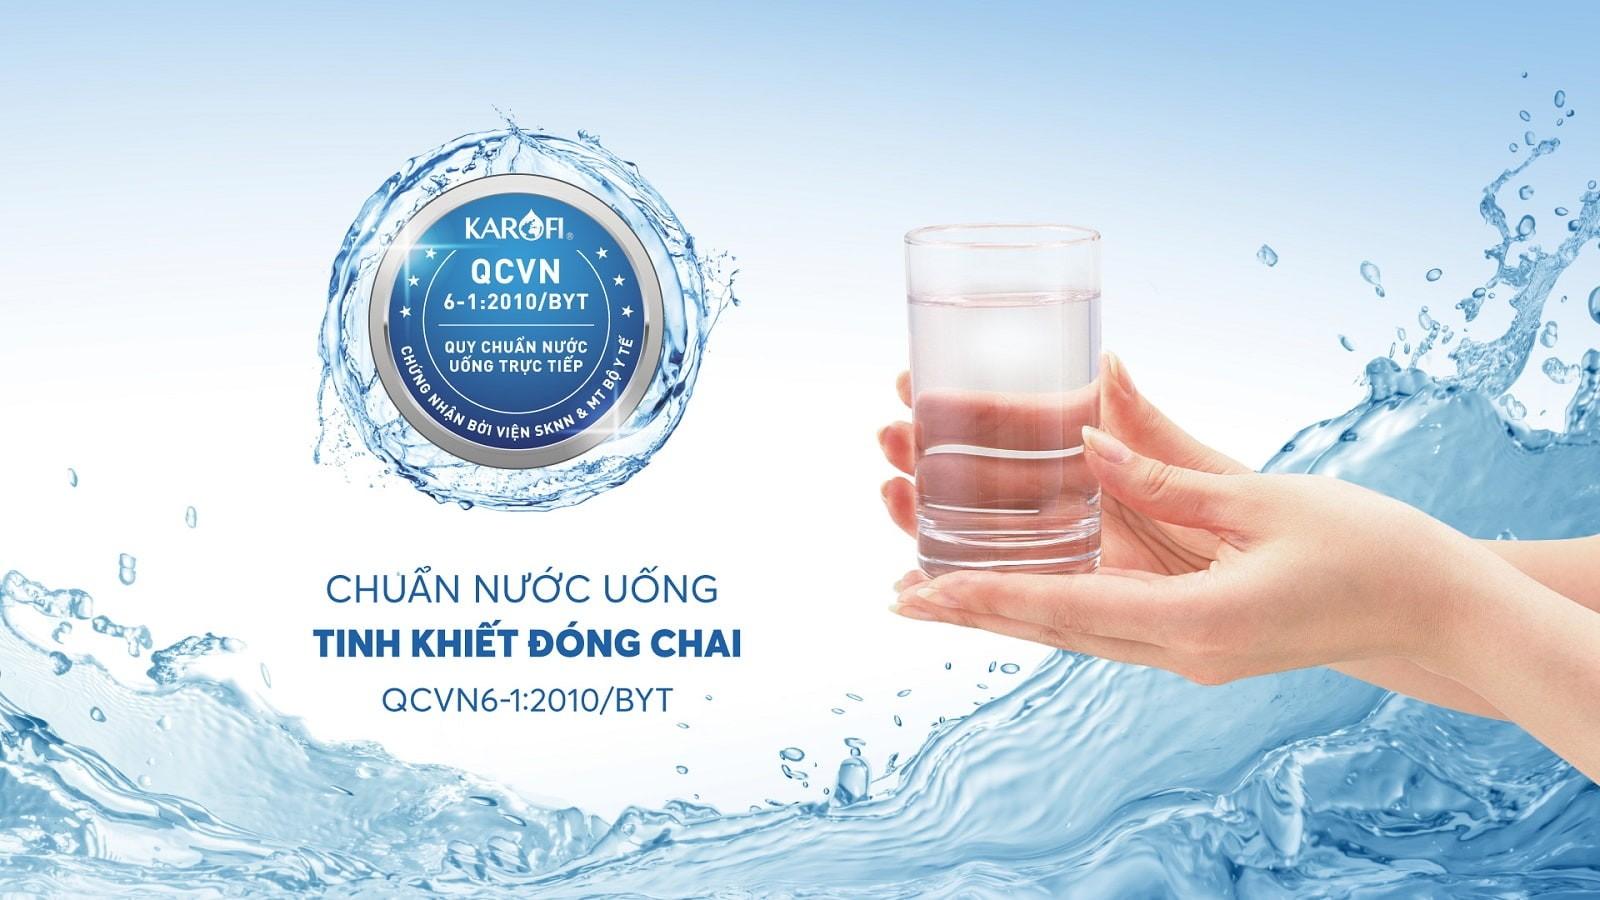 Nước sau lọc đạt chuẩn tinh khiết nước uống đóng chai